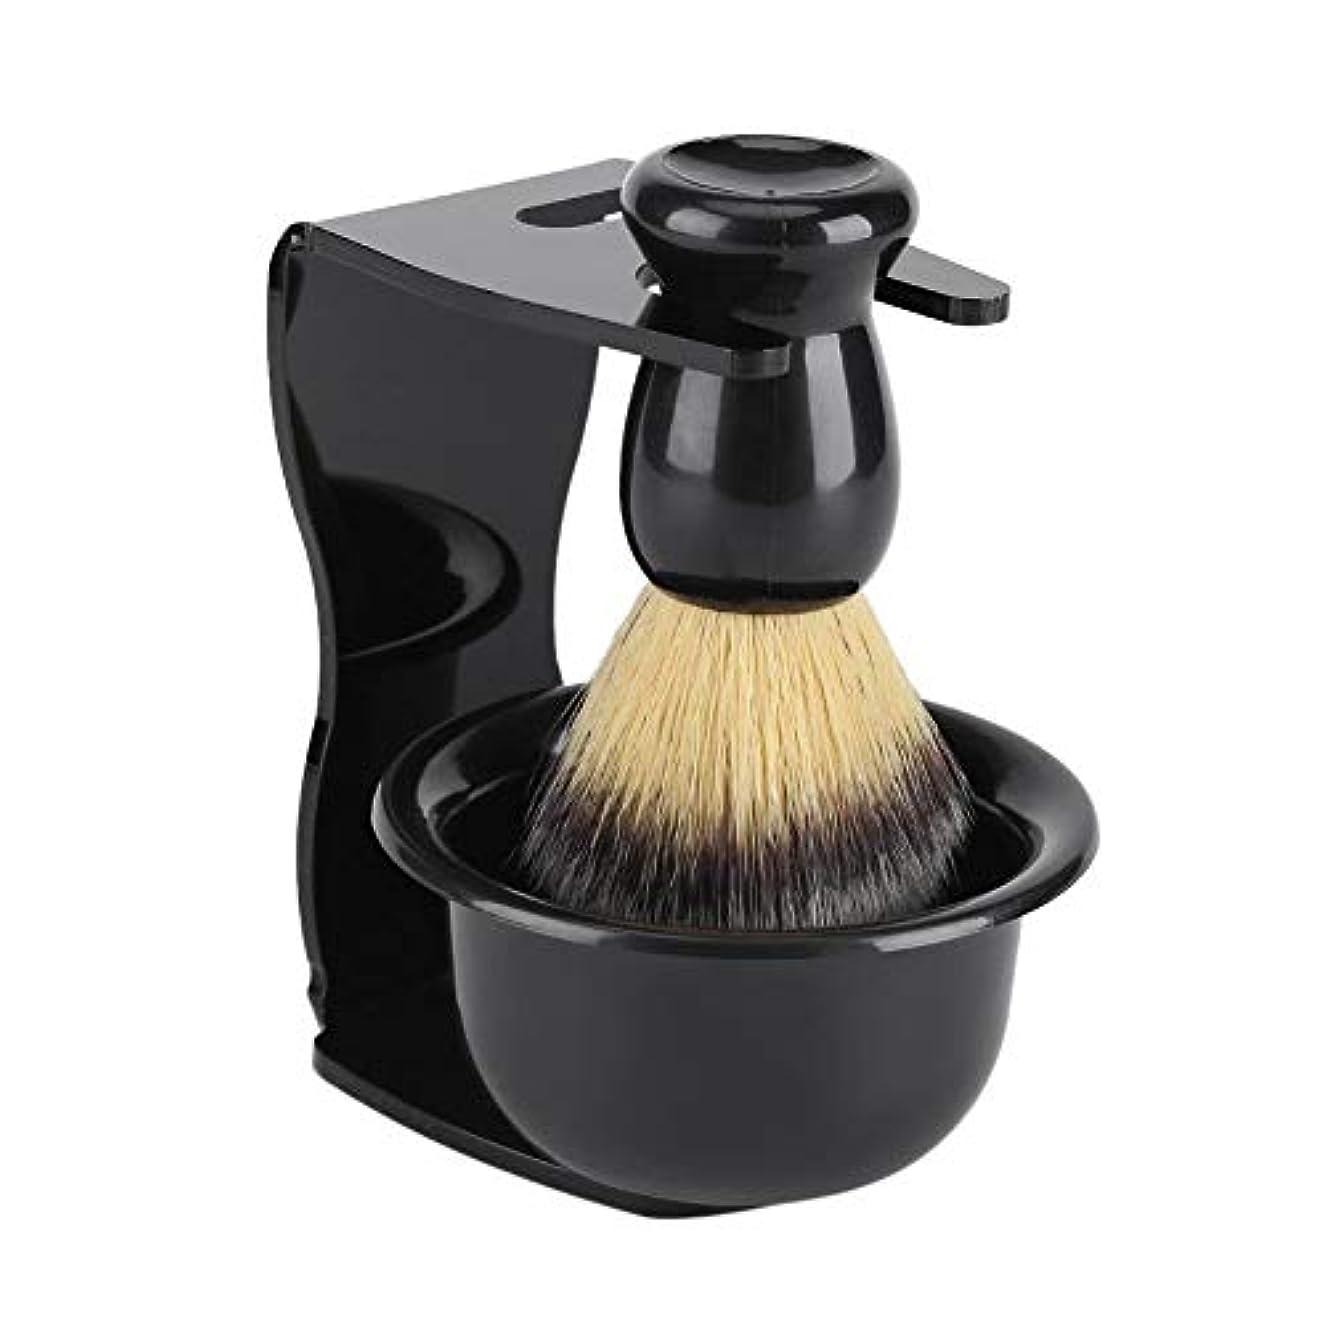 コンパクトハイブリッド魔法3セットひげブラシ シェービングブラシ プレゼントシェービングブラシセット プラシスタンド 石鹸ボウル 理容 洗顔 髭剃り